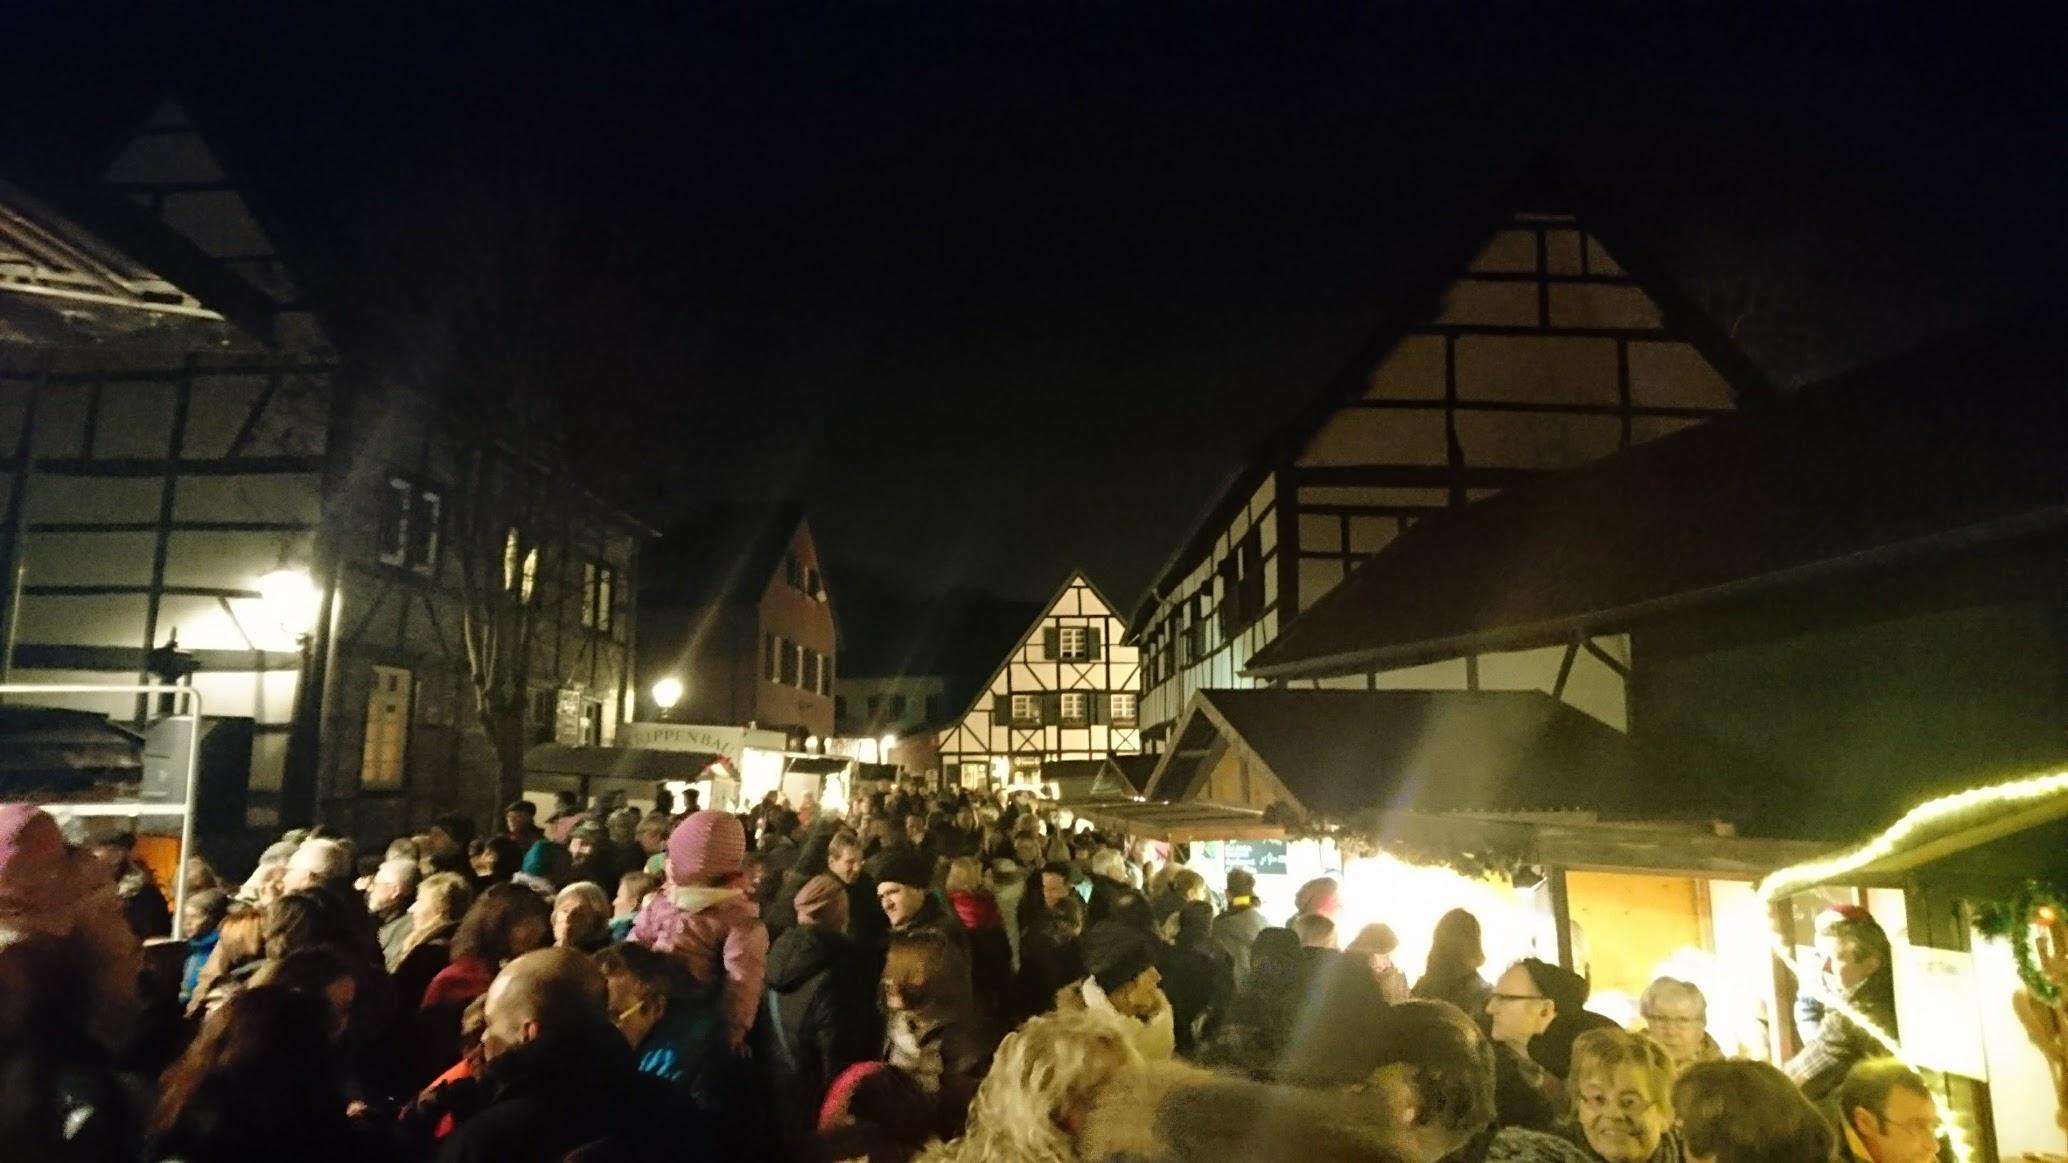 Weihnachtsmarkt Liedberg